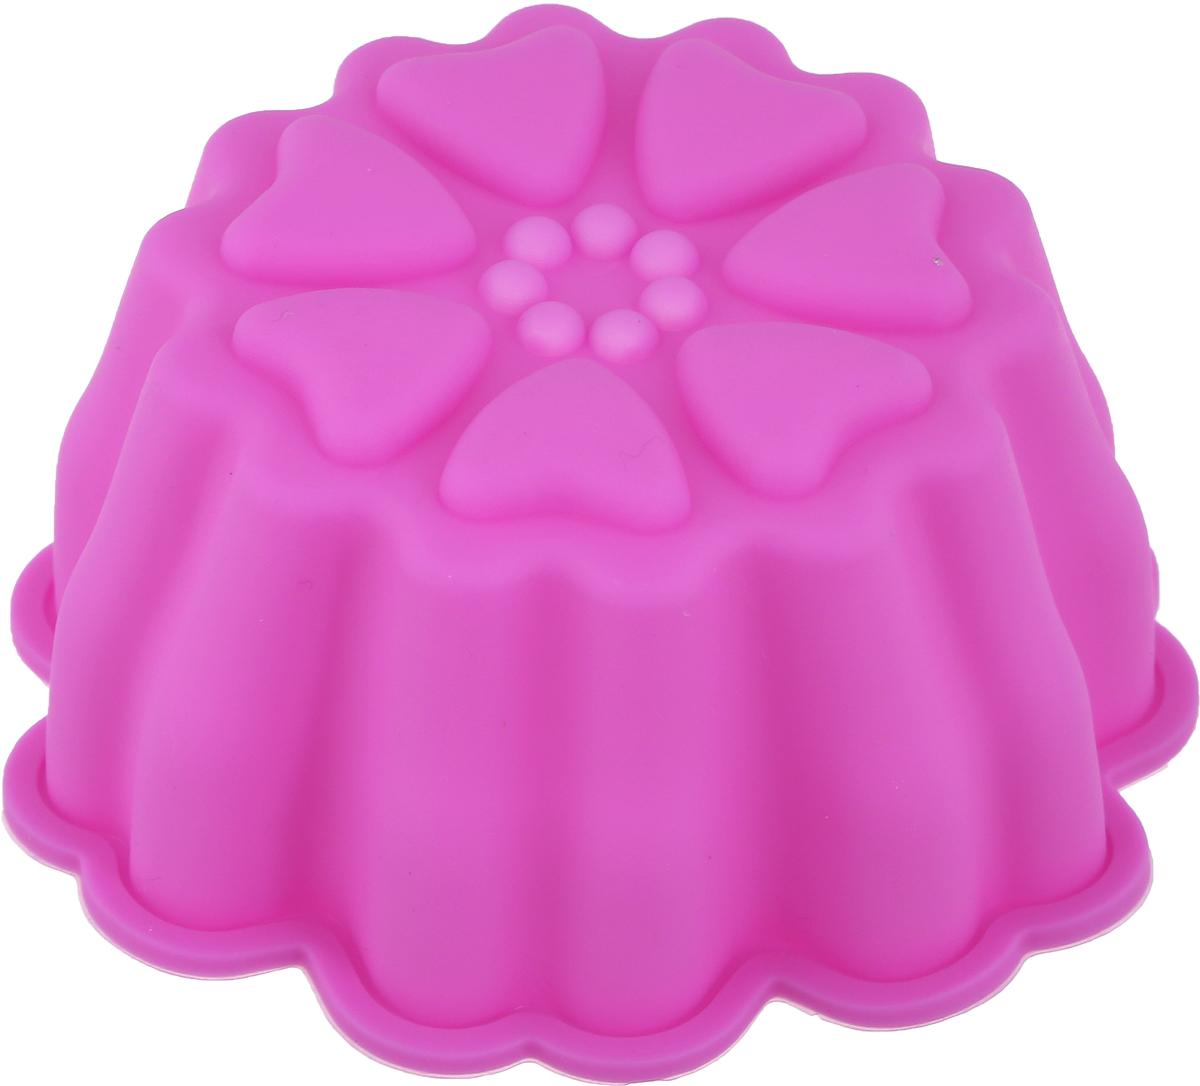 Форма для выпечки Доляна Семицветик, цвет: розовый, 9,5 х 4,5 см861068_розовыйФорма для выпечки из силикона - современное решение для практичных и радушных хозяек. Оригинальный предмет позволяет готовить в духовке любимые блюда из мяса, рыбы, птицы и овощей, а также вкуснейшую выпечку.Преимущества формы для выпечки: - блюдо сохраняет нужную форму и легко отделяется от стенок после приготовления; - высокая термостойкость (от -40 до 230°C) позволяет применять форму в духовых шкафах и морозильных камерах; - небольшая масса делает эксплуатацию предмета простой даже для хрупкой женщины; - силикон пригоден для посудомоечных машин; - высокопрочный материал делает форму долговечным инструментом; - при хранении предмет занимает мало места.